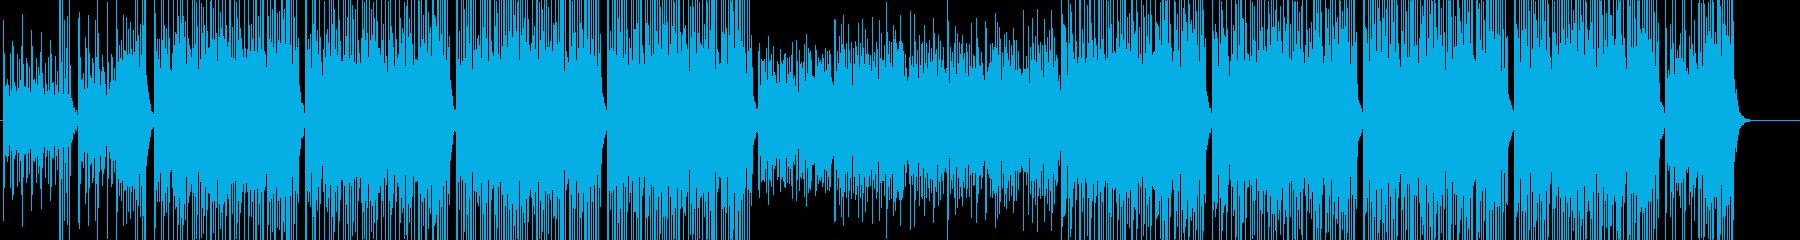 YouTubeに 楽しいバンジョーBGMの再生済みの波形